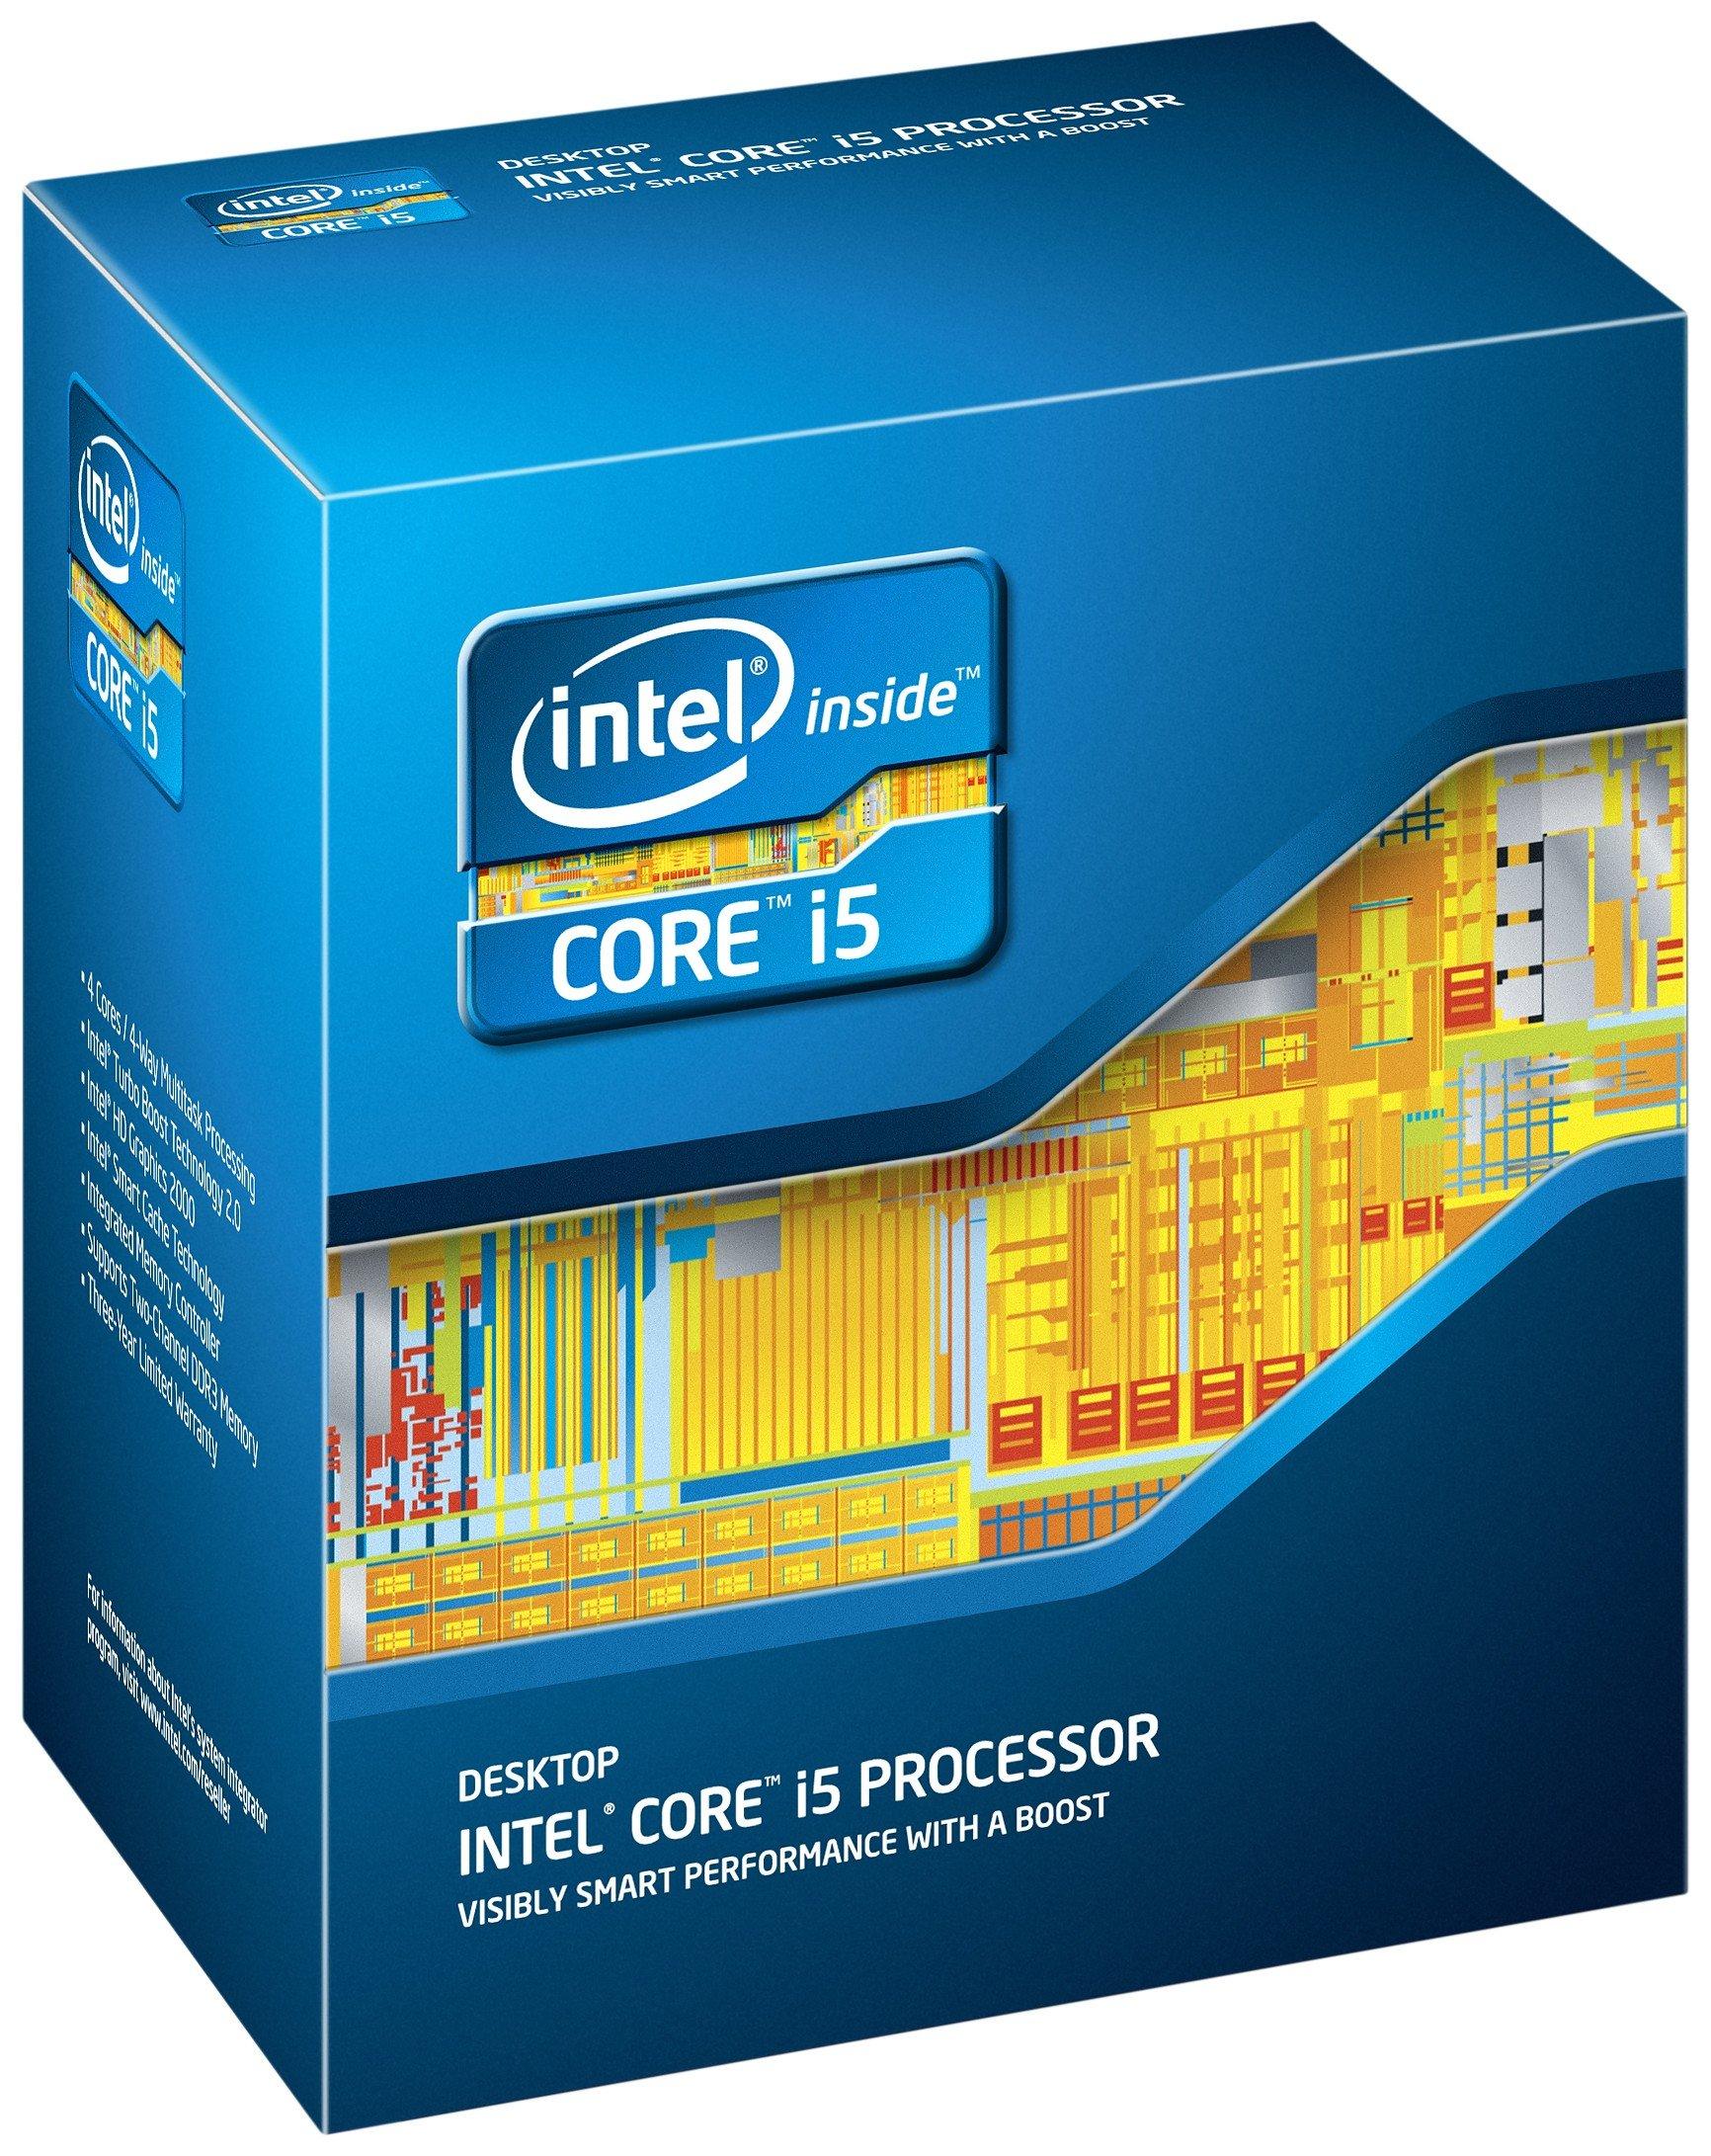 Intel Core i5-2500 Quad-Core Processor 3.3 GHz 6 MB Cache LGA 1155 - BX80623I52500